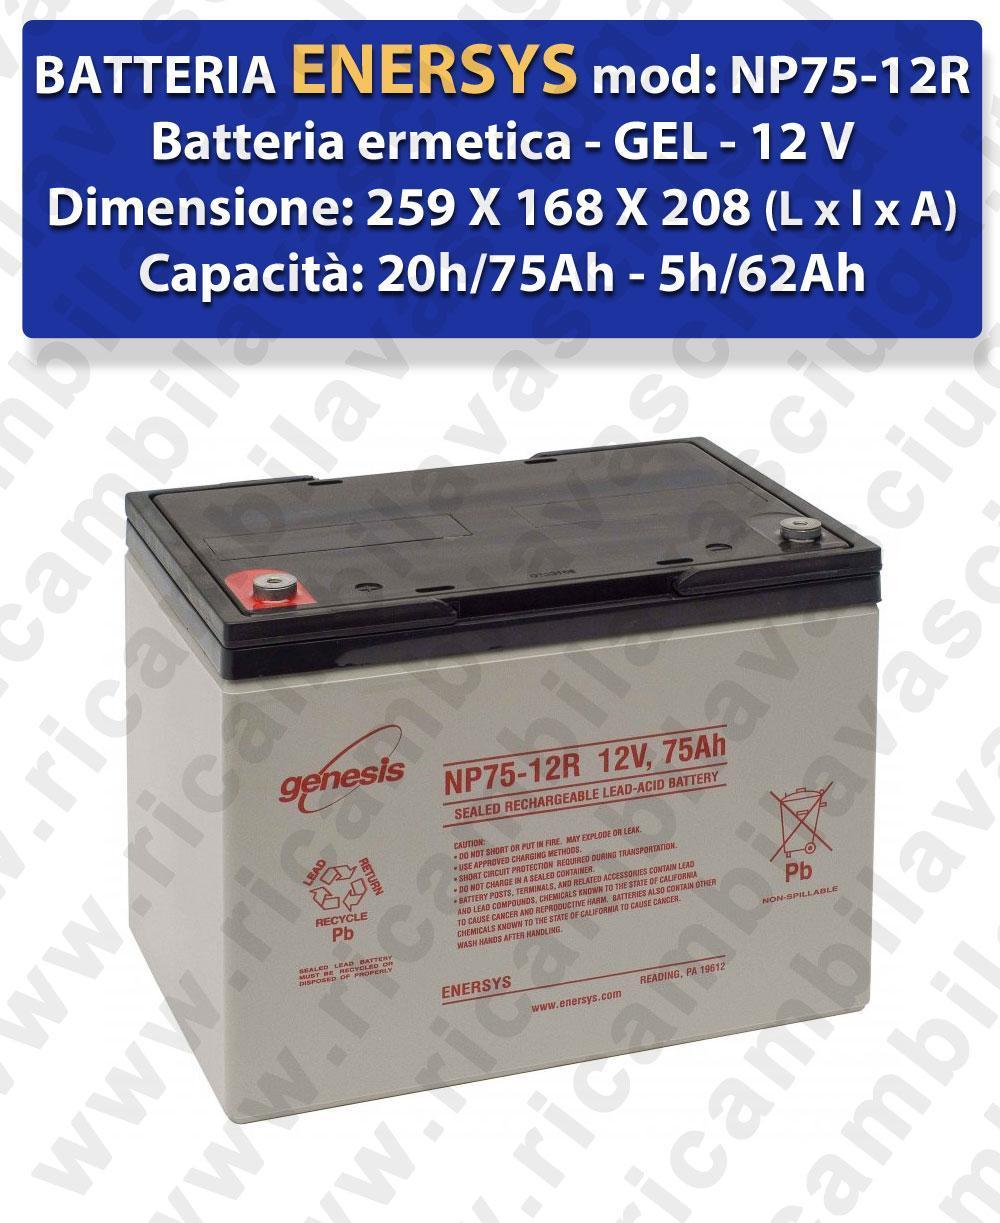 NP75-12R BATTERIE  GEL  - ENERSYS - 12V 75Ah 20/h